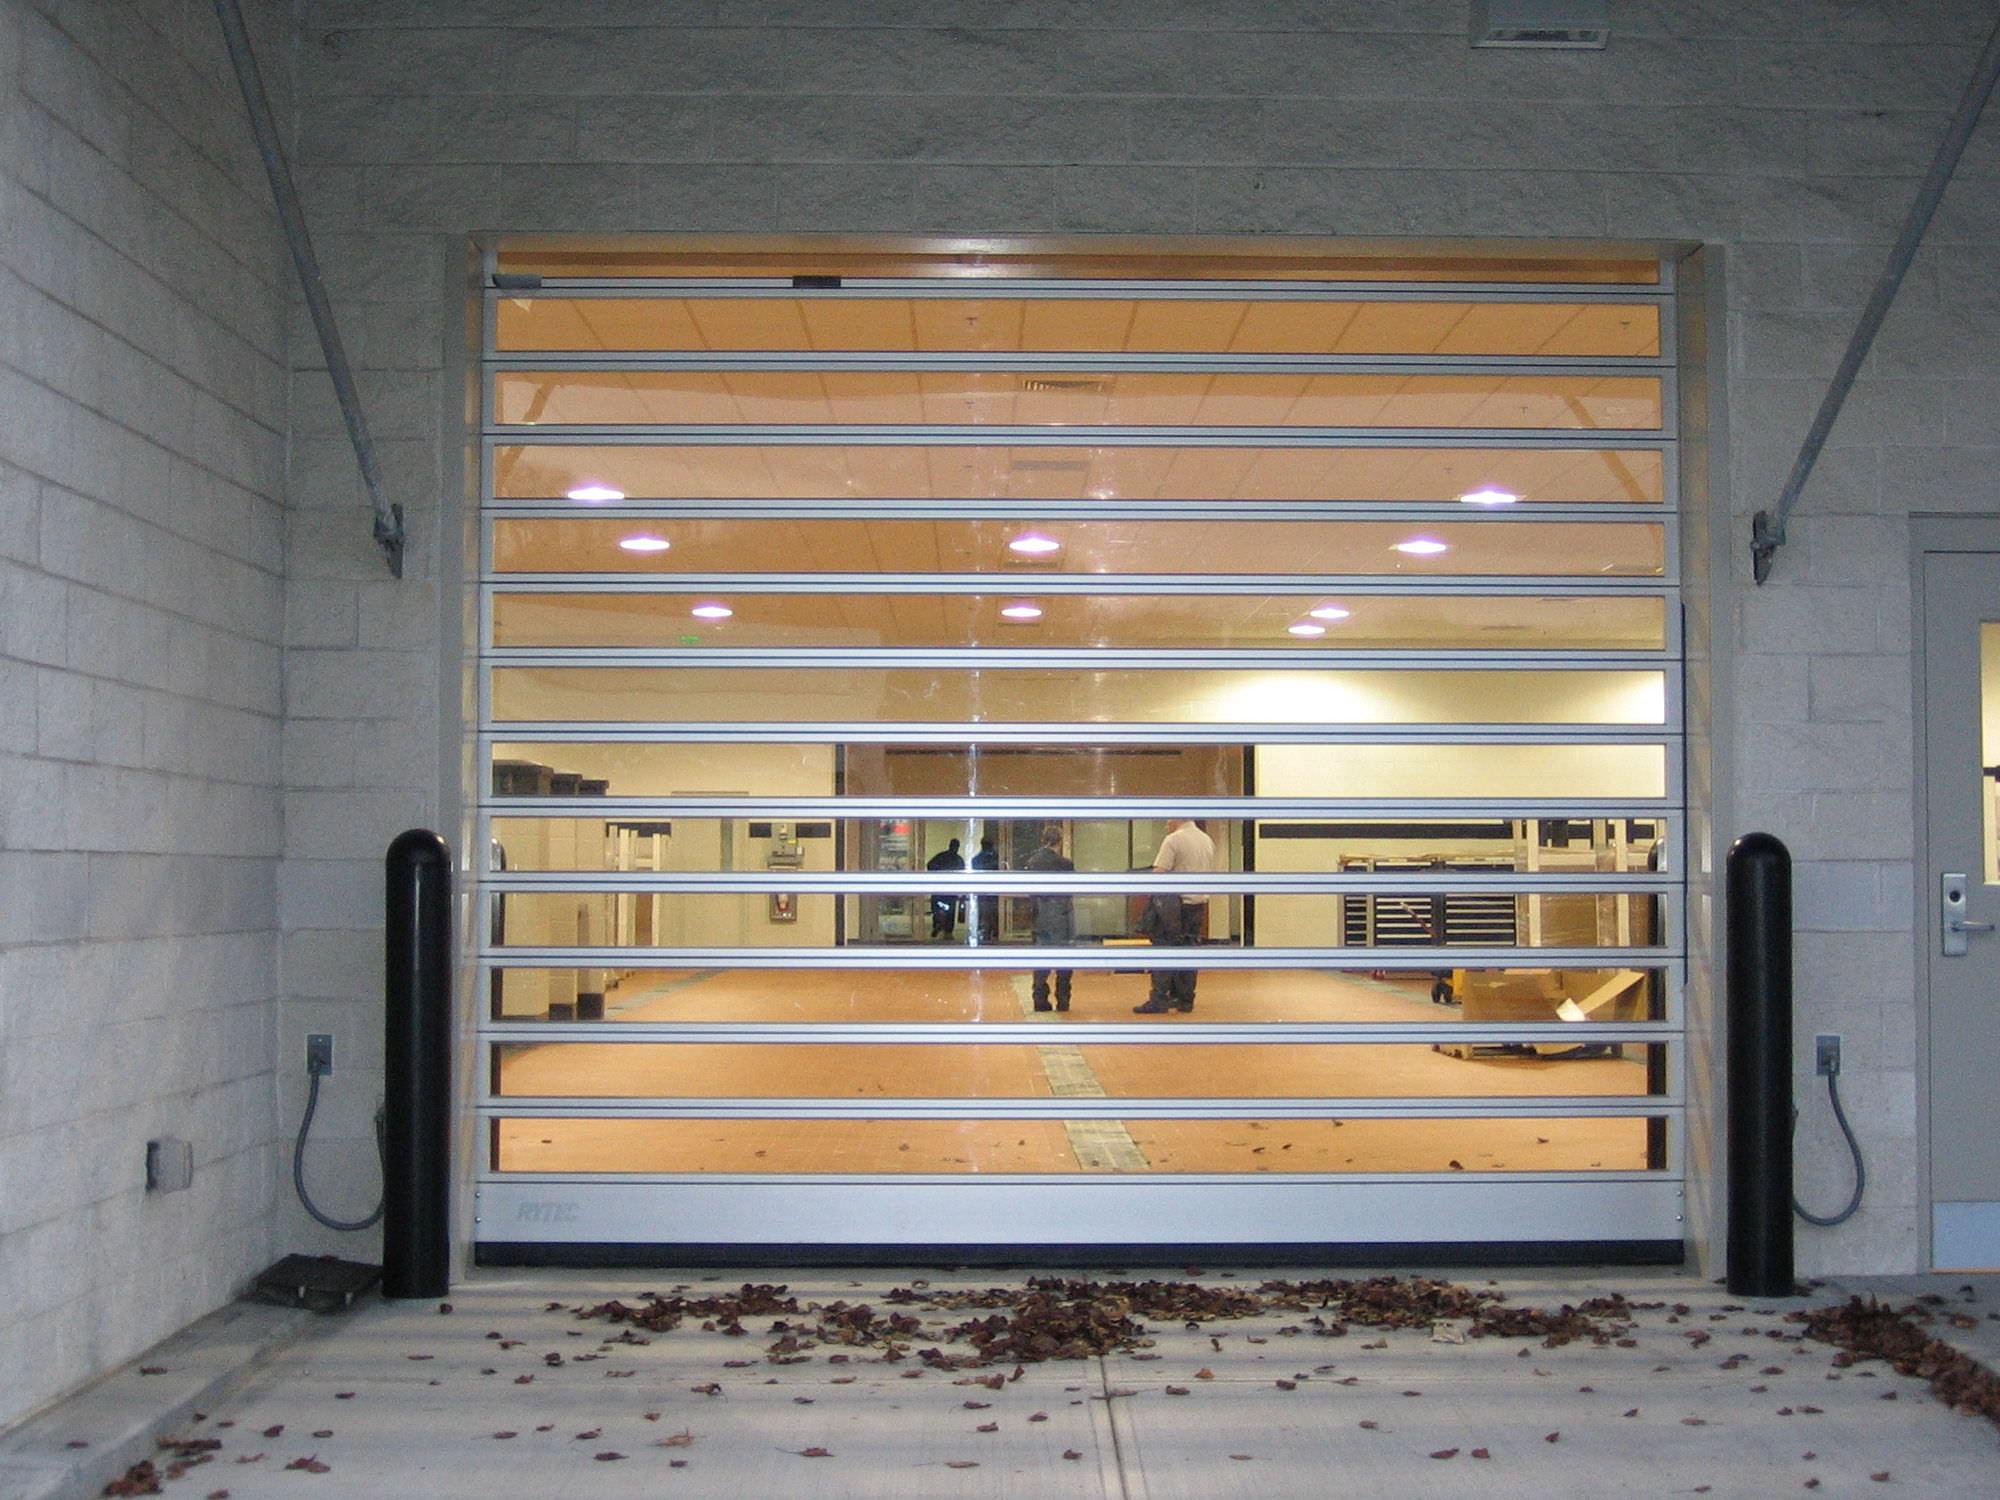 roll-up door / aluminum / industrial / design ... & Roll-up door / aluminum / industrial / design - Spiral® FV® - Rytec ...